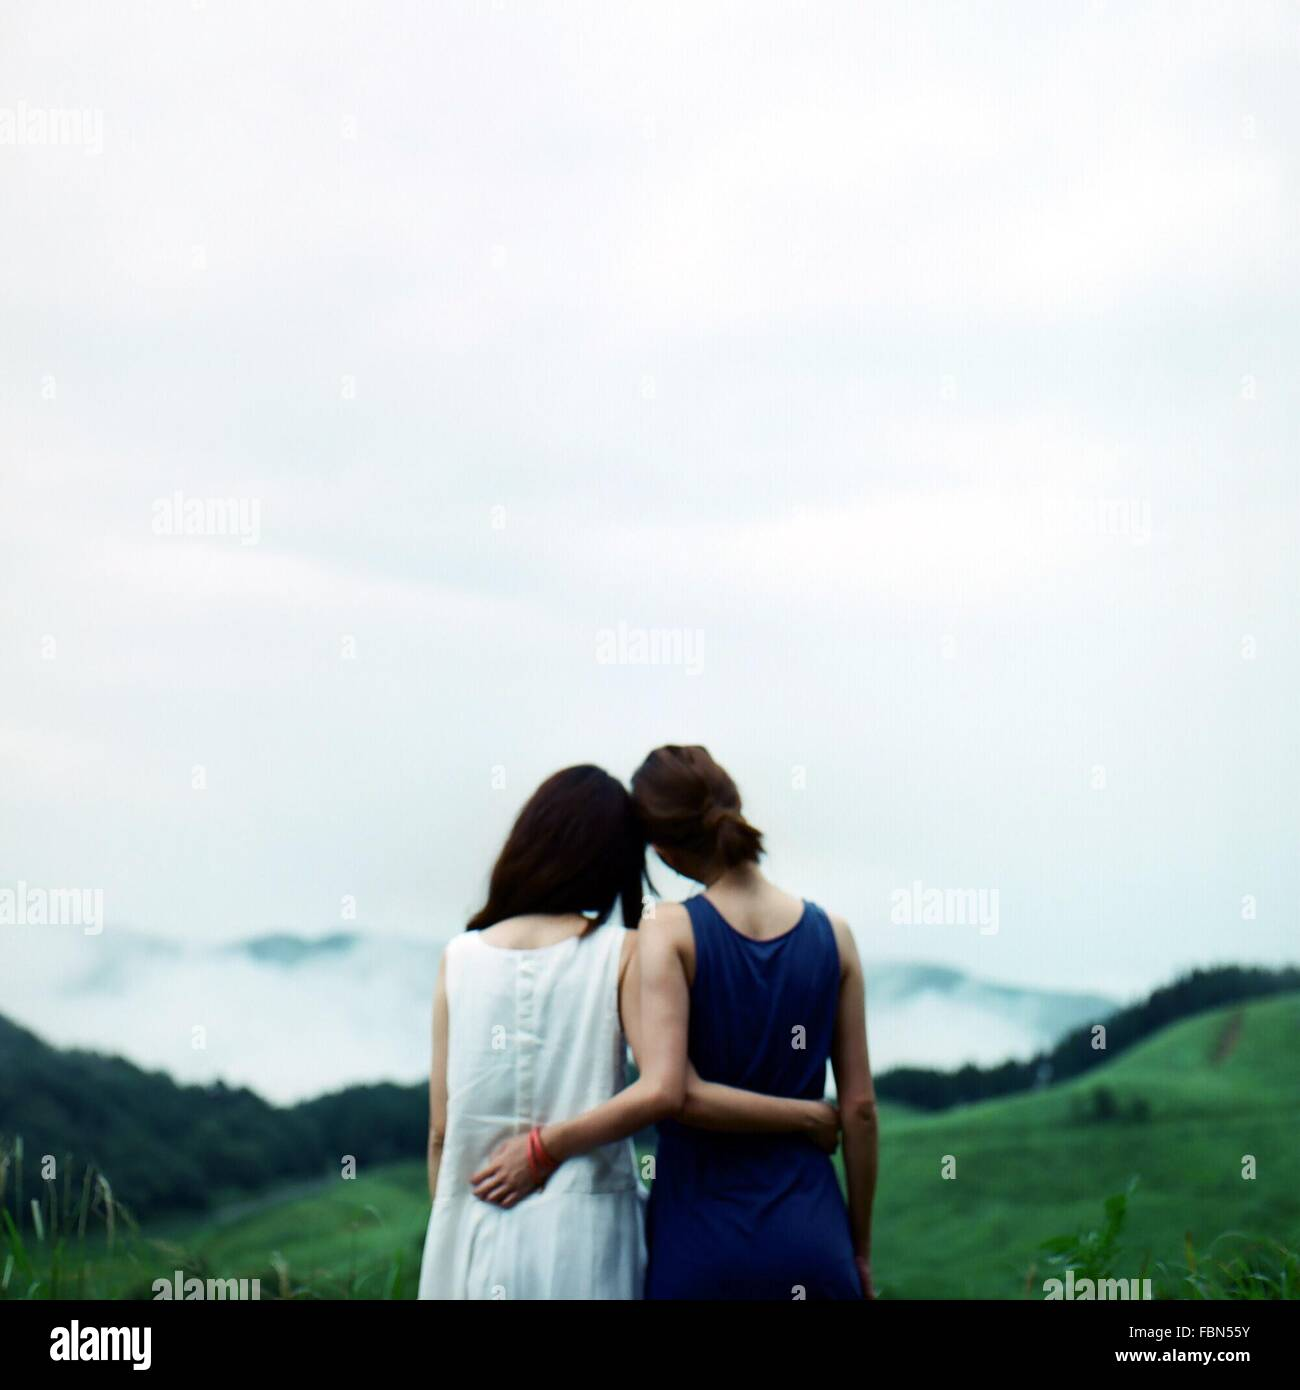 Rückansicht des Freundinnen auf Feld gegen Himmel stehen Stockbild